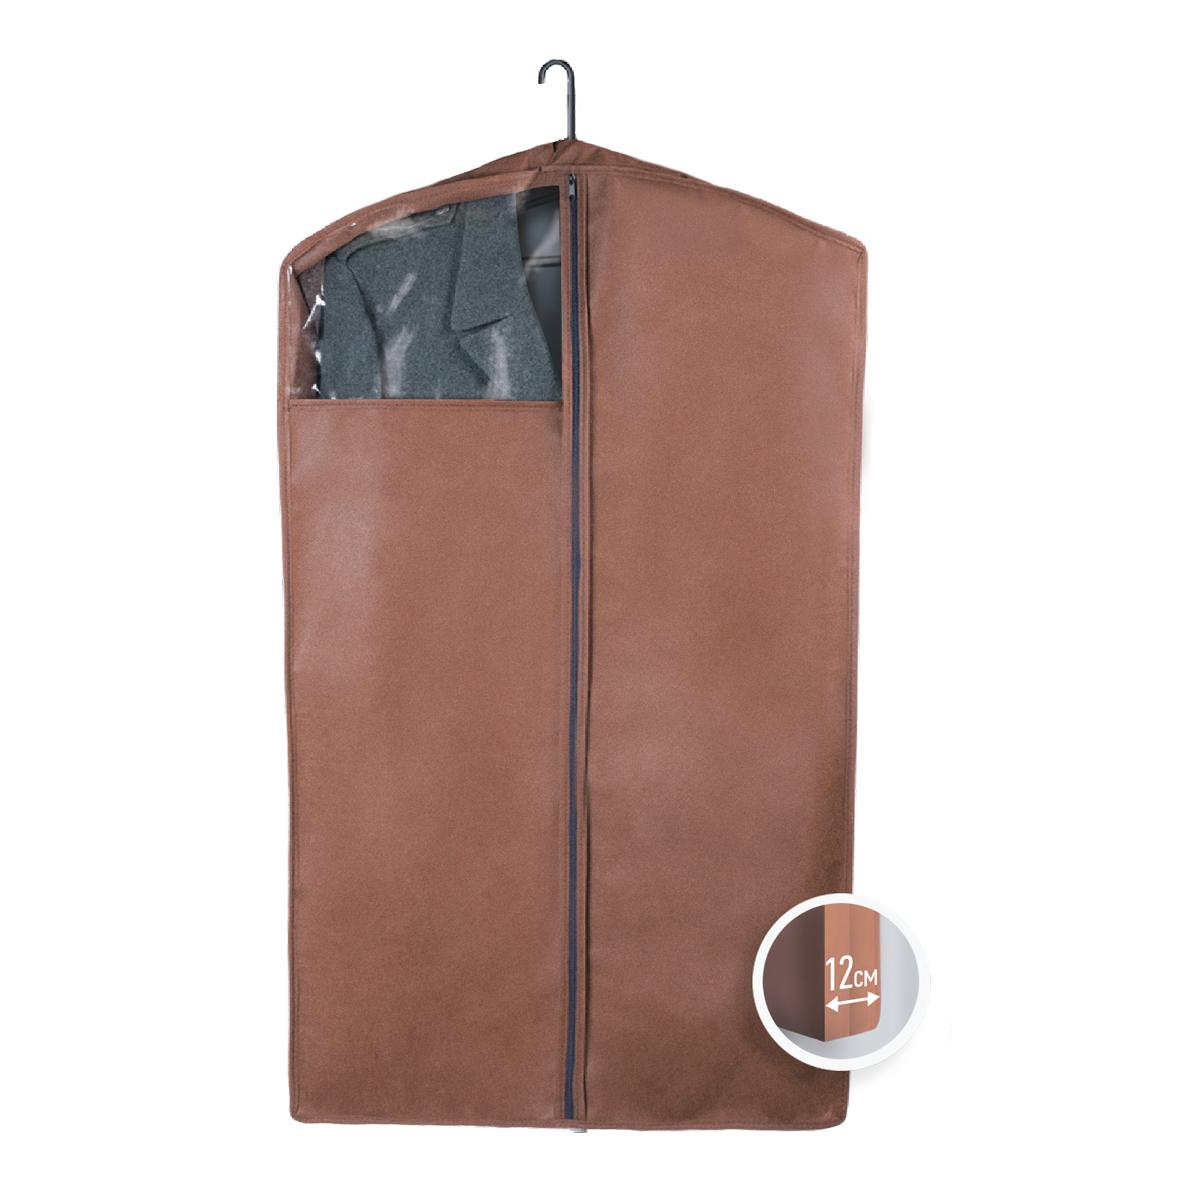 Чехол для верхней одежды Miolla, с окошком, цвет: коричневый, 100 х 60 х 12 см74-0120Чехол для верхней одежды Miolla на застежке-молнии выполнен из высококачественного нетканого материала. Прозрачное полиэтиленовое окошко позволяет видеть содержимое чехла. Подходит для длительного хранения вещей.Чехол обеспечивает вашей одежде надежную защиту от влажности, повреждений и грязи при транспортировке, от запыления при хранении и проникновения моли. Чехол обладает водоотталкивающими свойствами, а также позволяет воздуху свободно поступать внутрь вещей, обеспечивая их кондиционирование. Это особенно важно при хранении кожаных и меховых изделий.Размер чехла: 100 х 60 х 12 см.